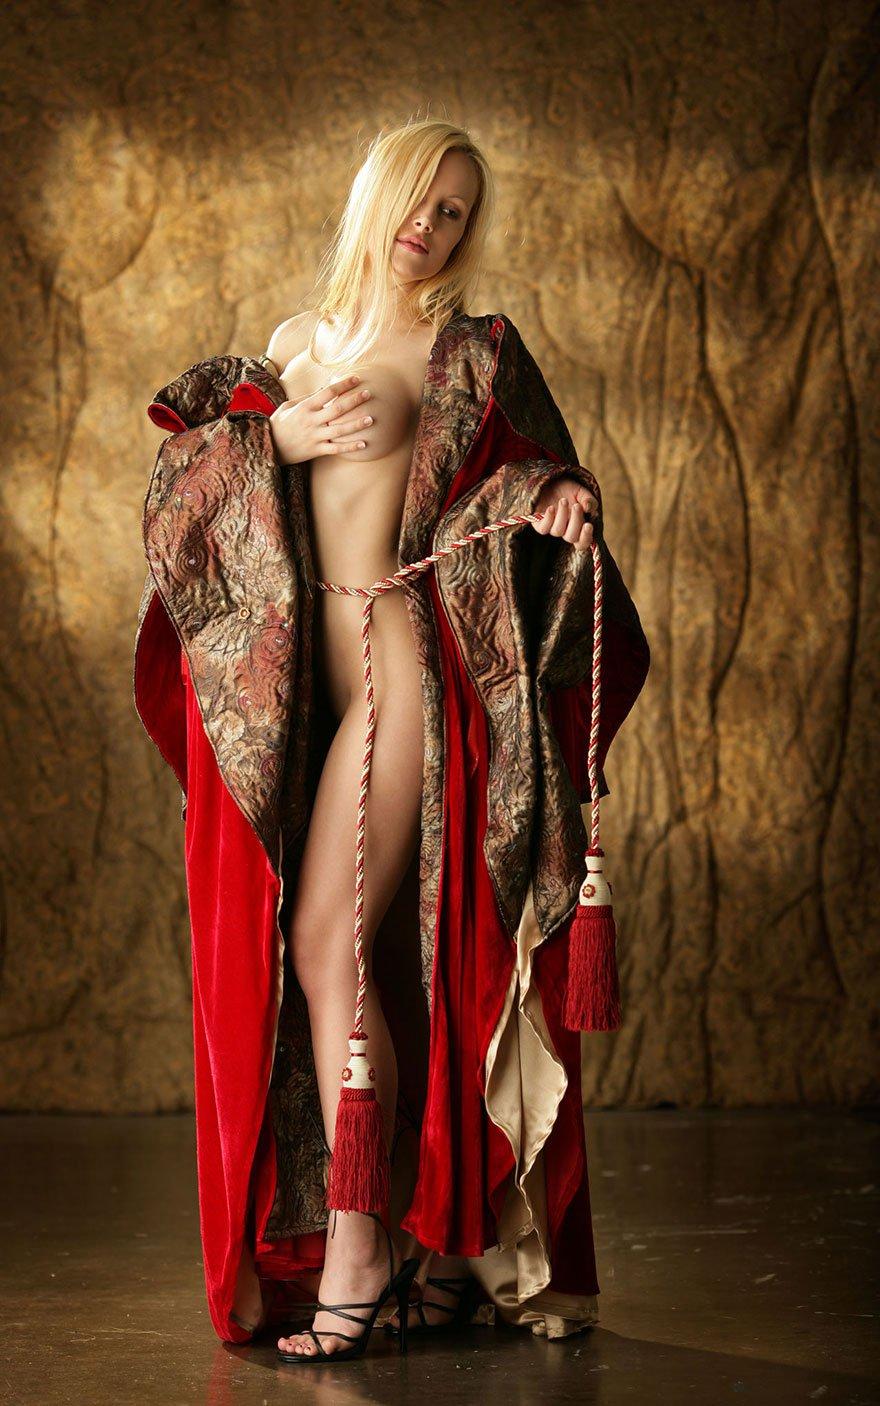 Голая блондинка в алом бархатном плаще